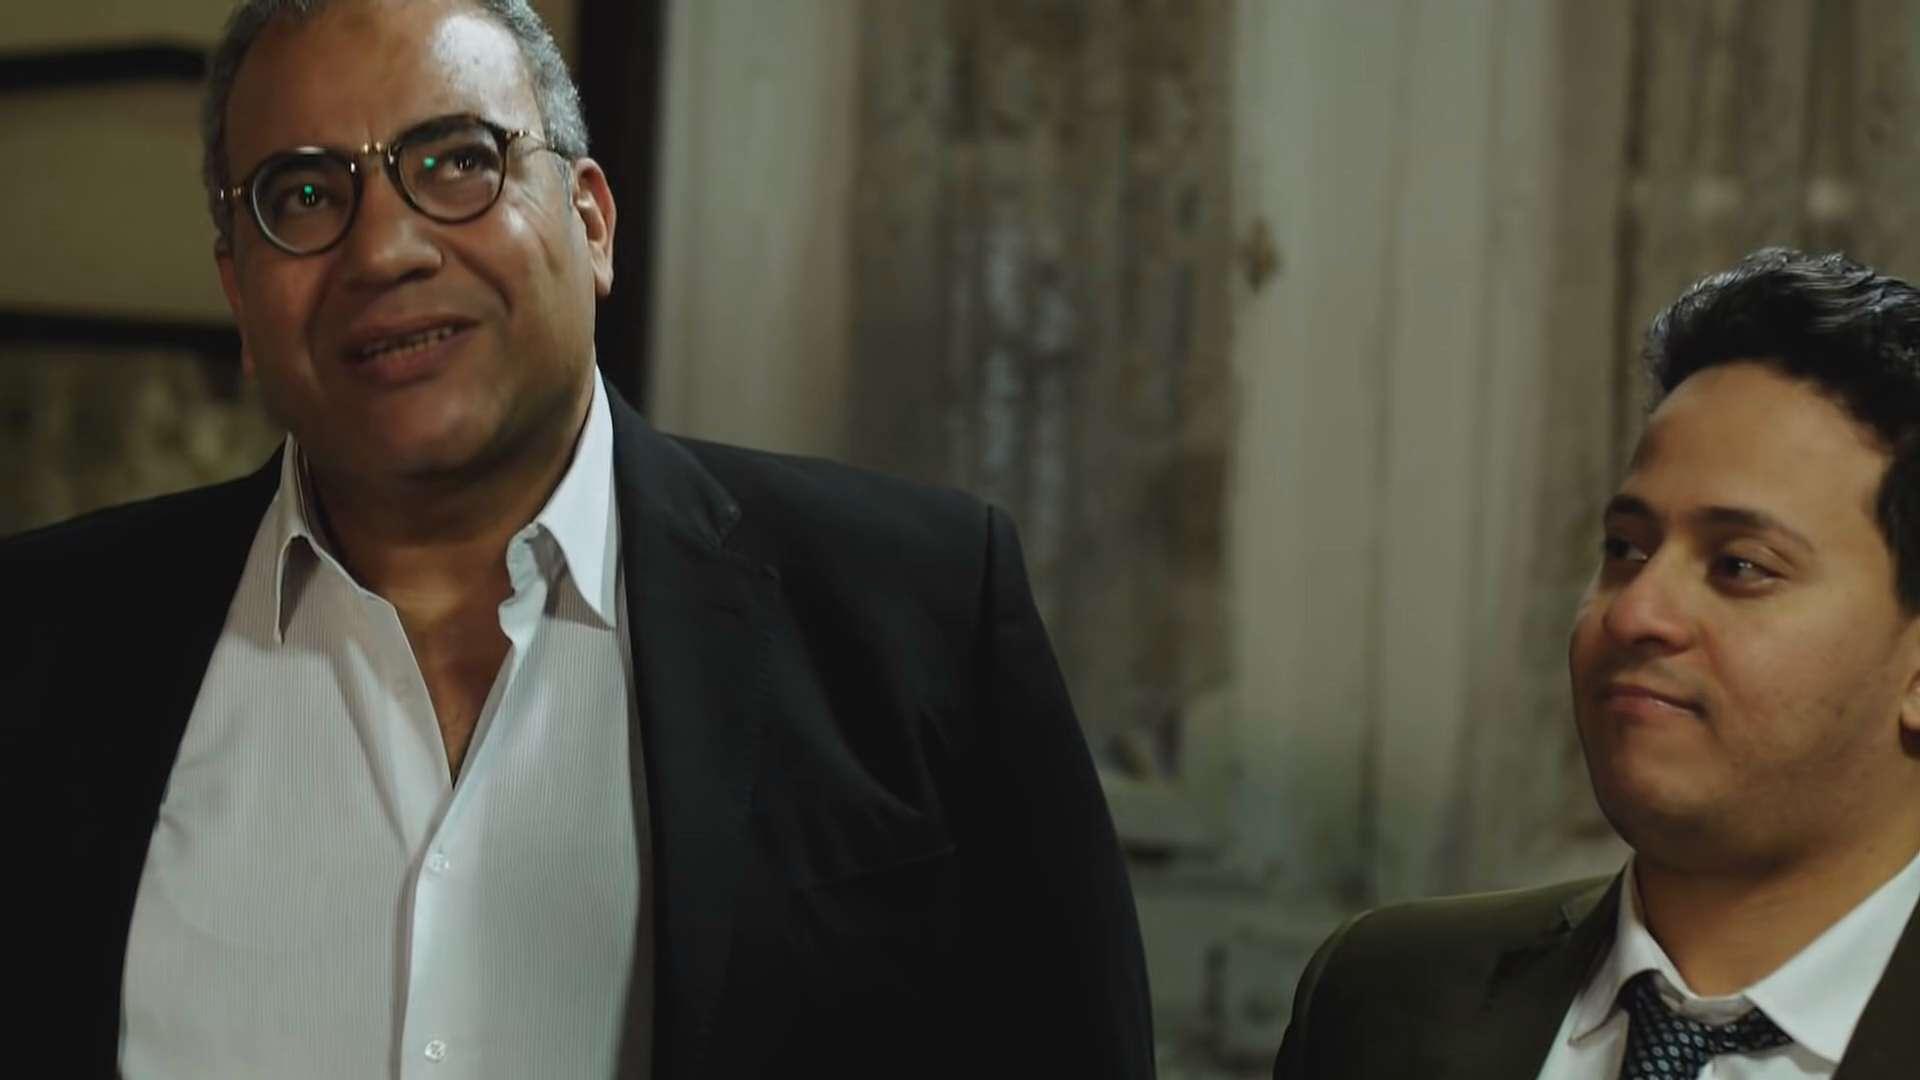 [فيلم][تورنت][تحميل][خير وبركة][2017][1080p][HDTV] 5 arabp2p.com